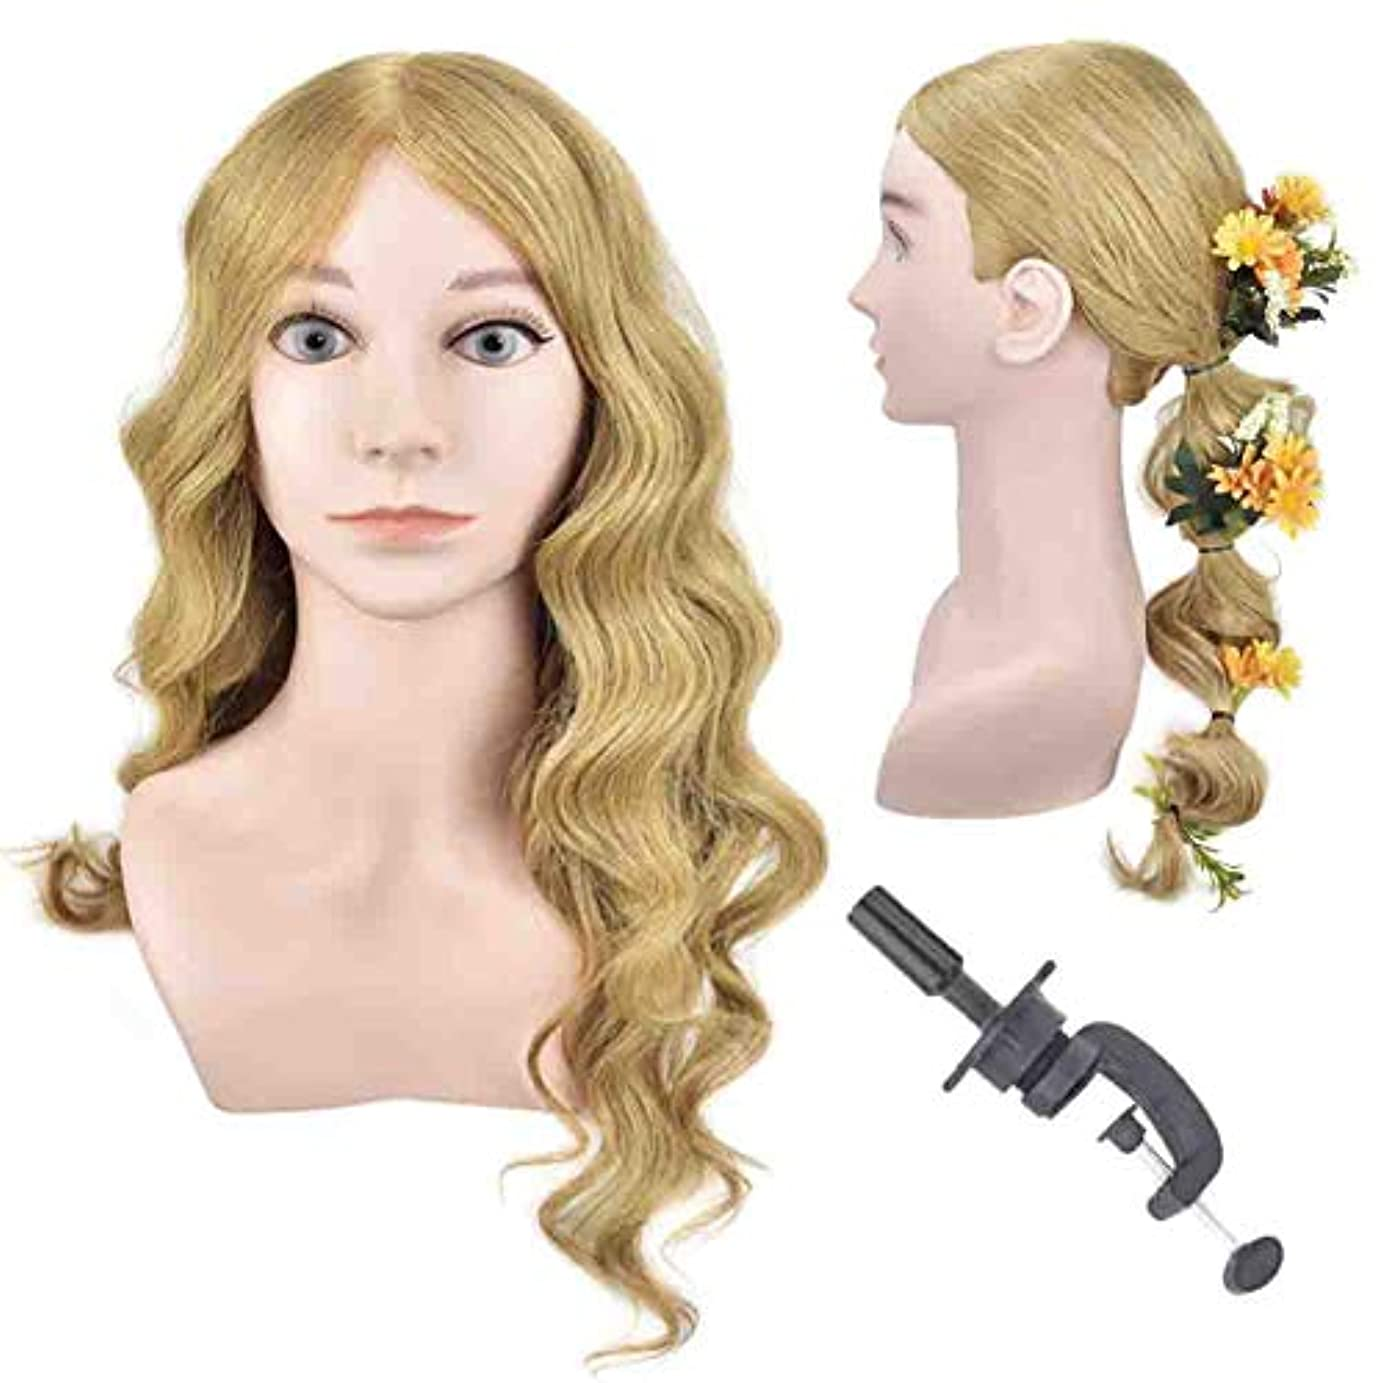 キャベツ扇動病な編んだ髪のヘッドモデル本物の人間の髪のスタイルの学習モデルヘッドサロンの学習は熱いと染めた髪のダミーの頭にすることができます